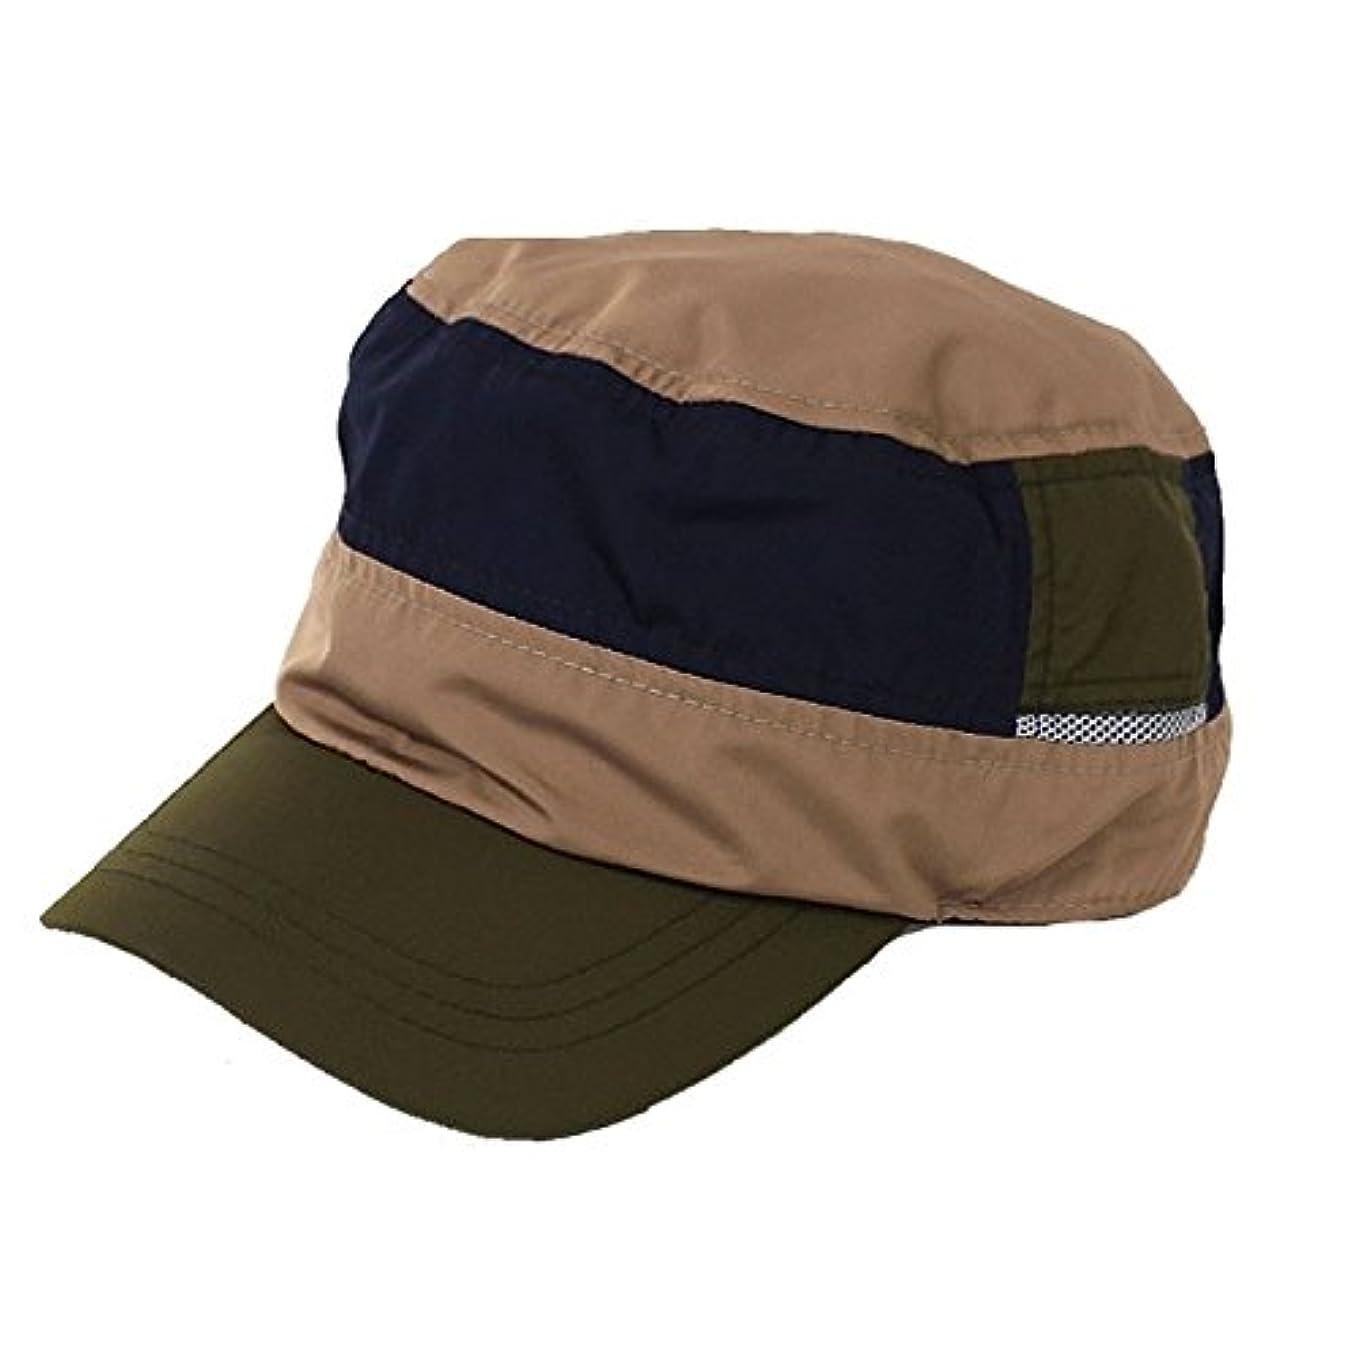 待つ競合他社選手巡礼者レインキャップ ワークキャップ 撥水加工 ゴルフ 帽子 メンズ レディース BCH-30086M